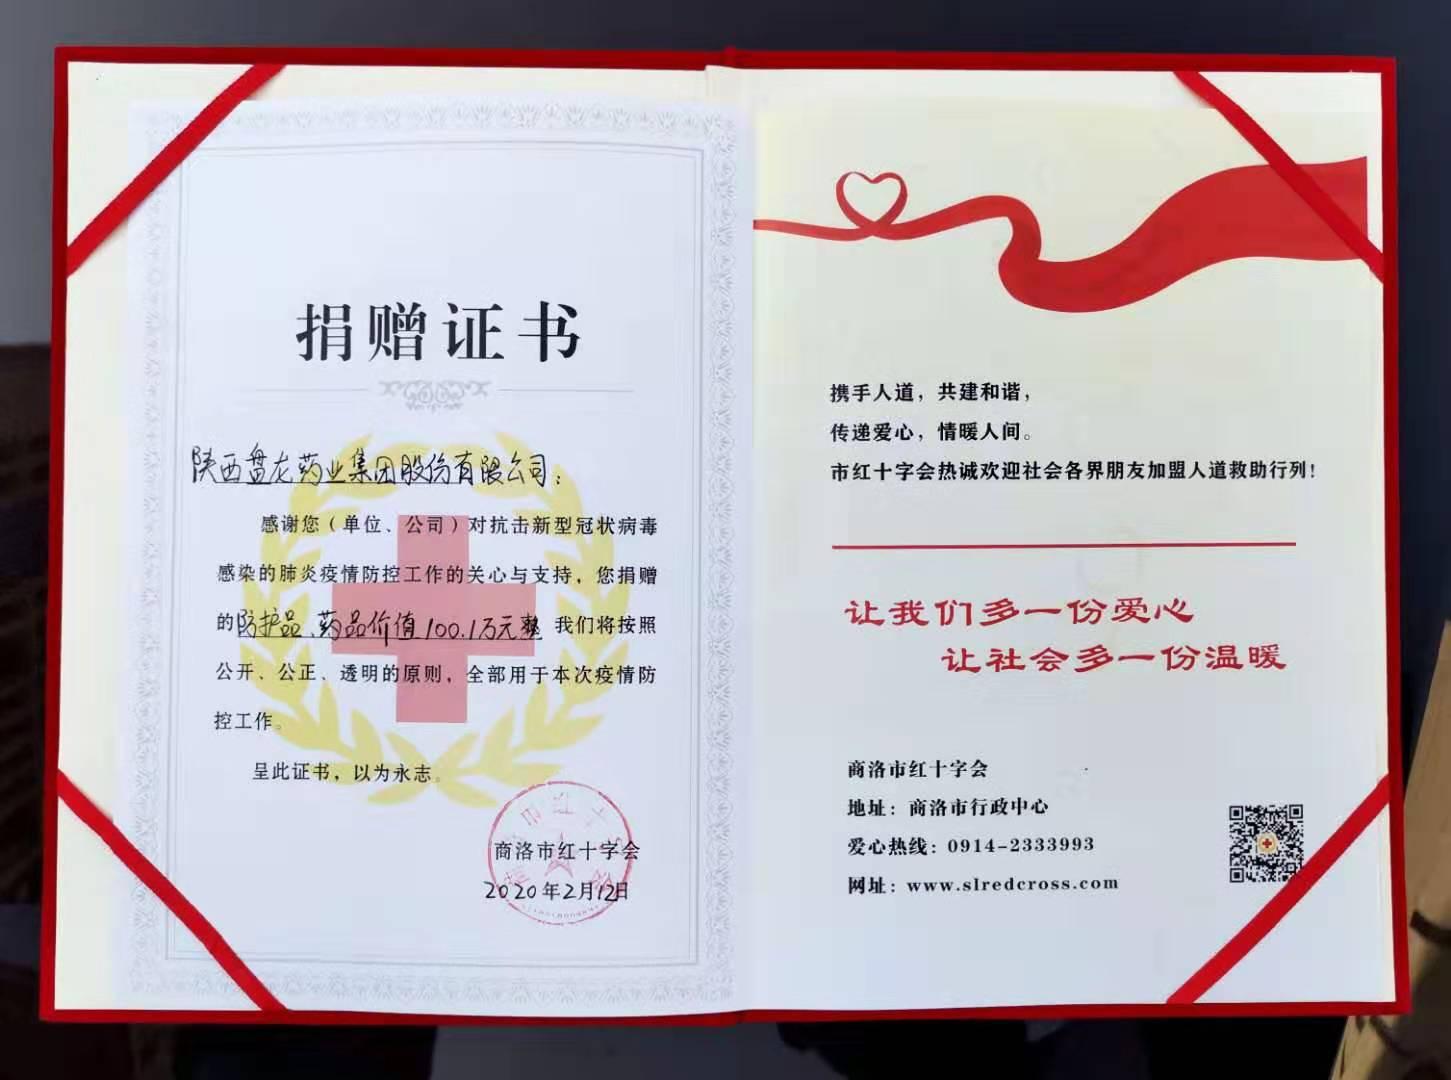 2020.02.12 向商洛红十字会捐赠抗疫物资100余万元4 (2).jpg